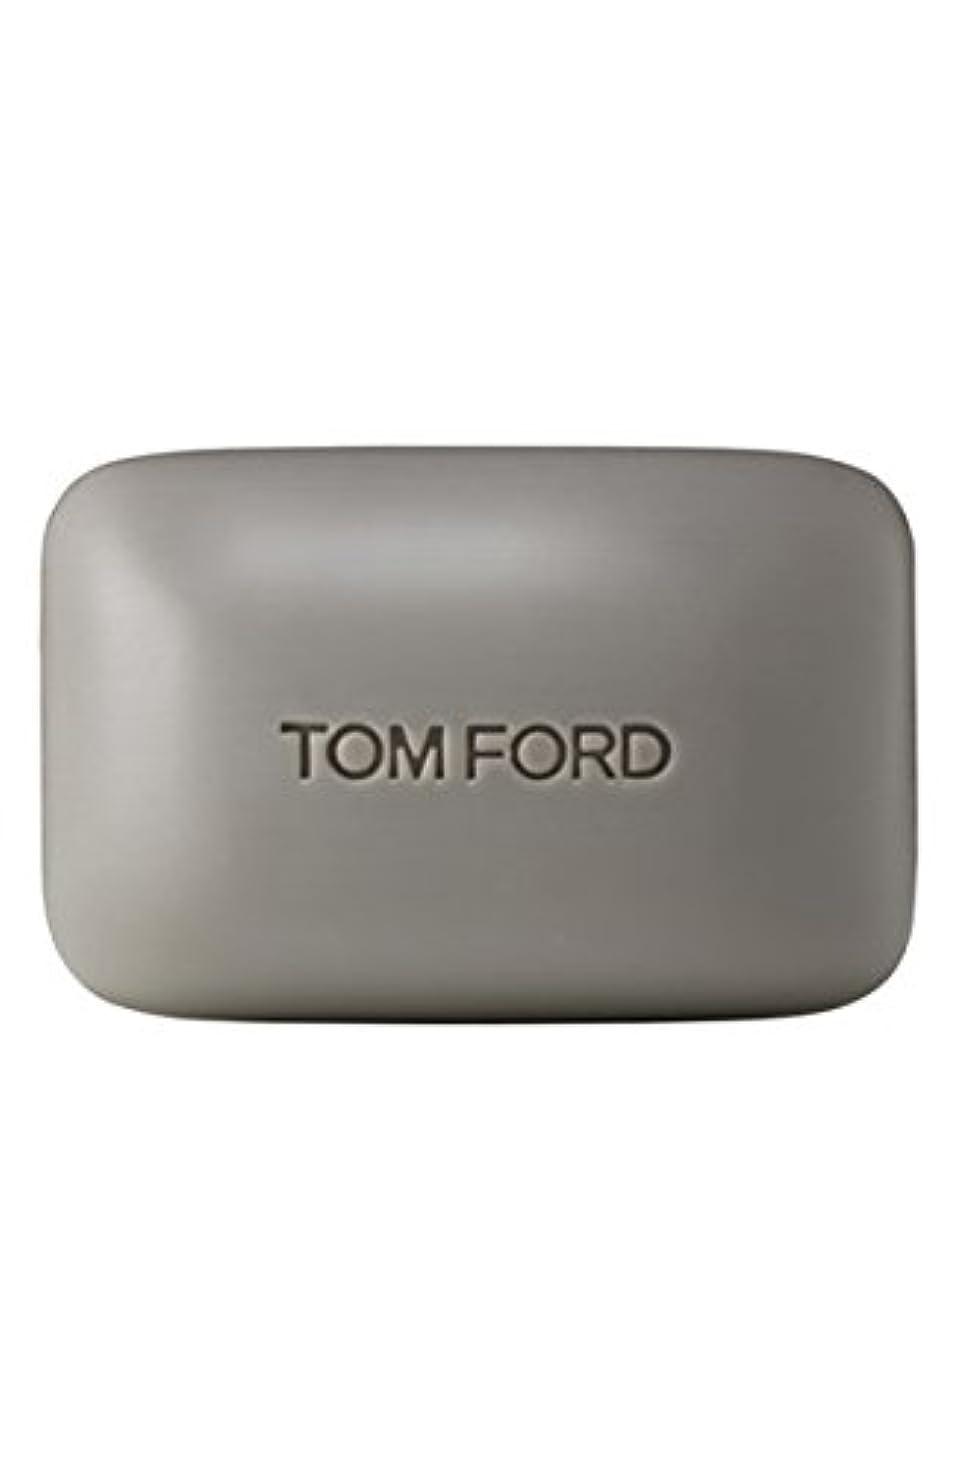 ゴージャス最大のサイクロプスTom Ford Private Blend 'Oud Wood' (トムフォード プライベートブレンド オードウッド) 5.5 oz (165ml) Bar Soap (固形石鹸)